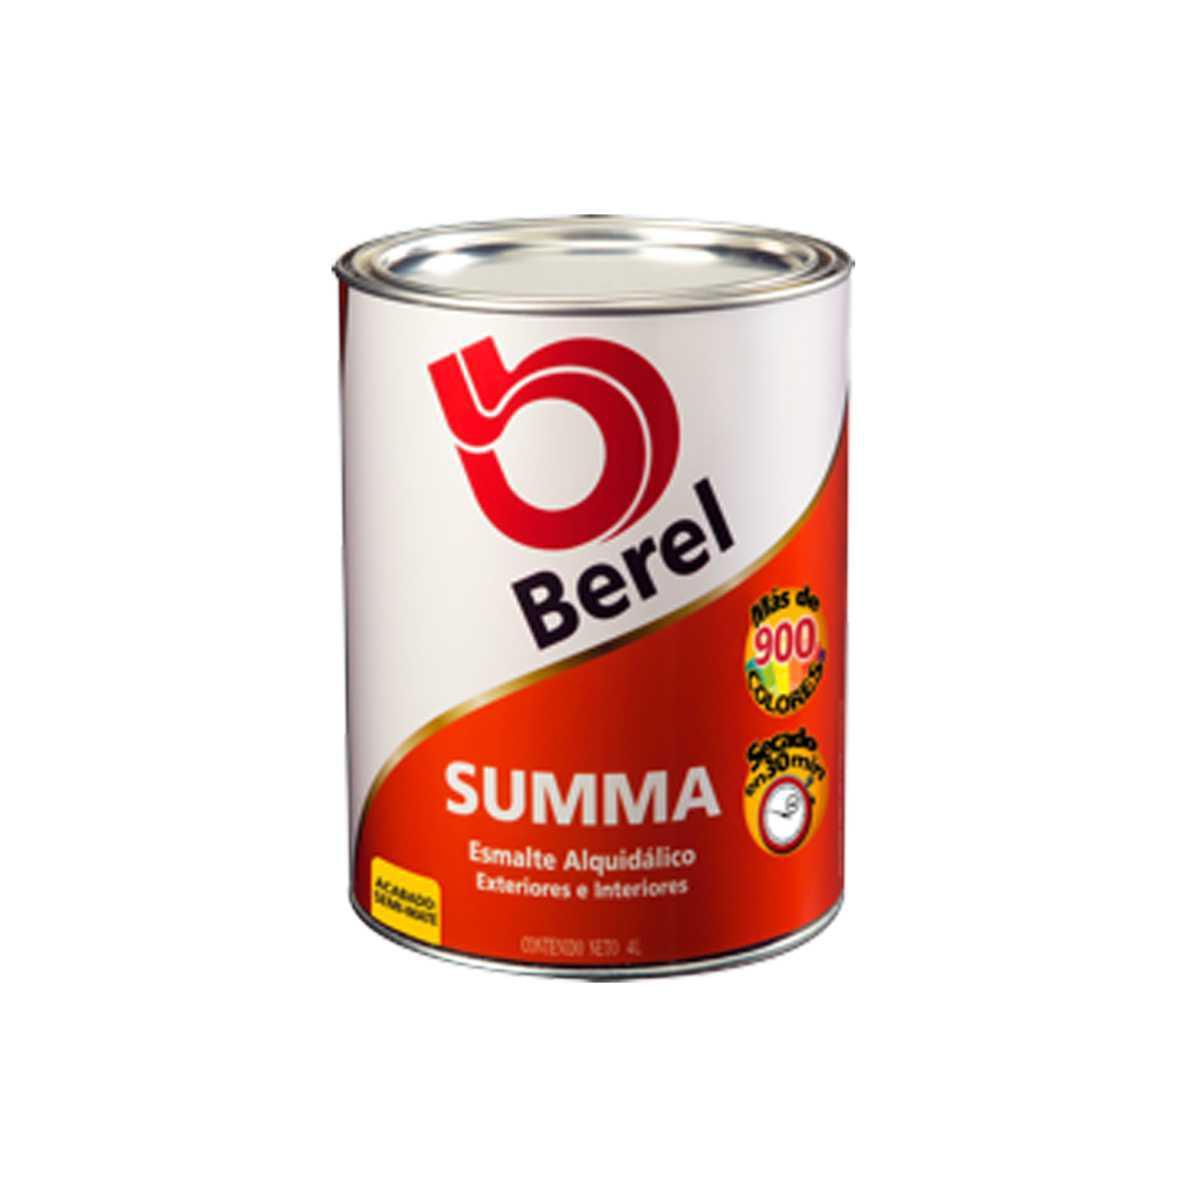 Summa Semimate